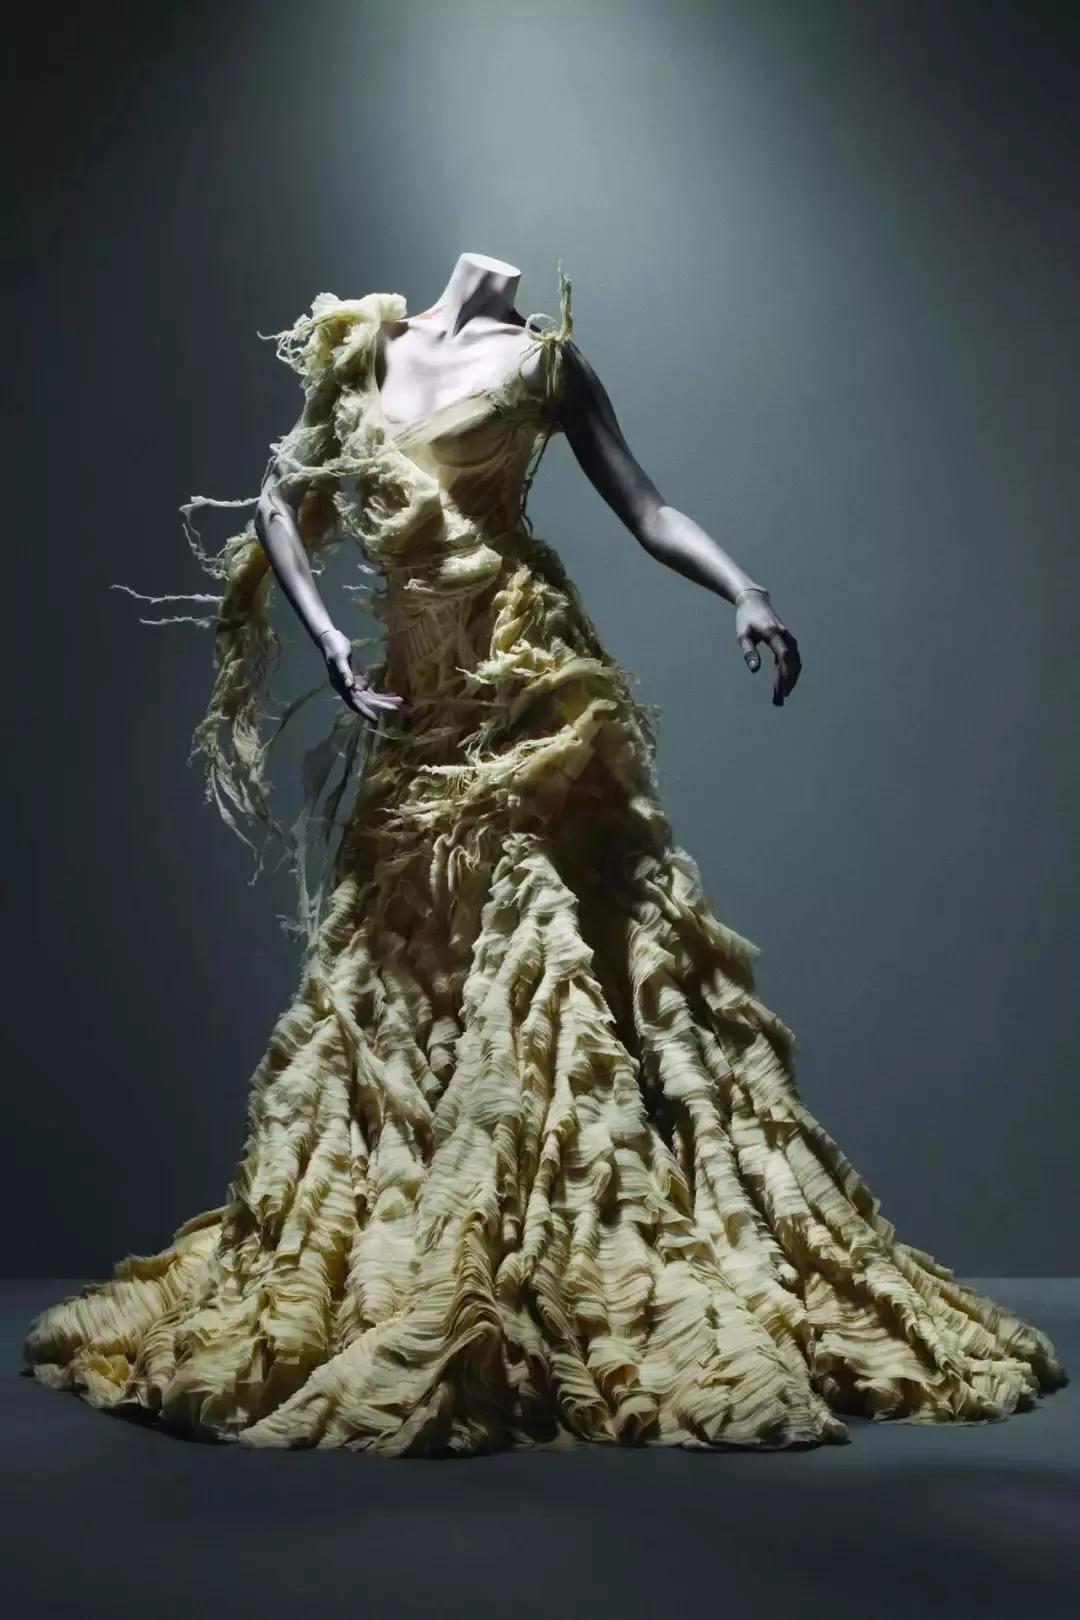 二次元的死亡发髻…三次元的断运Chanel…神到让人莫名恐惧!